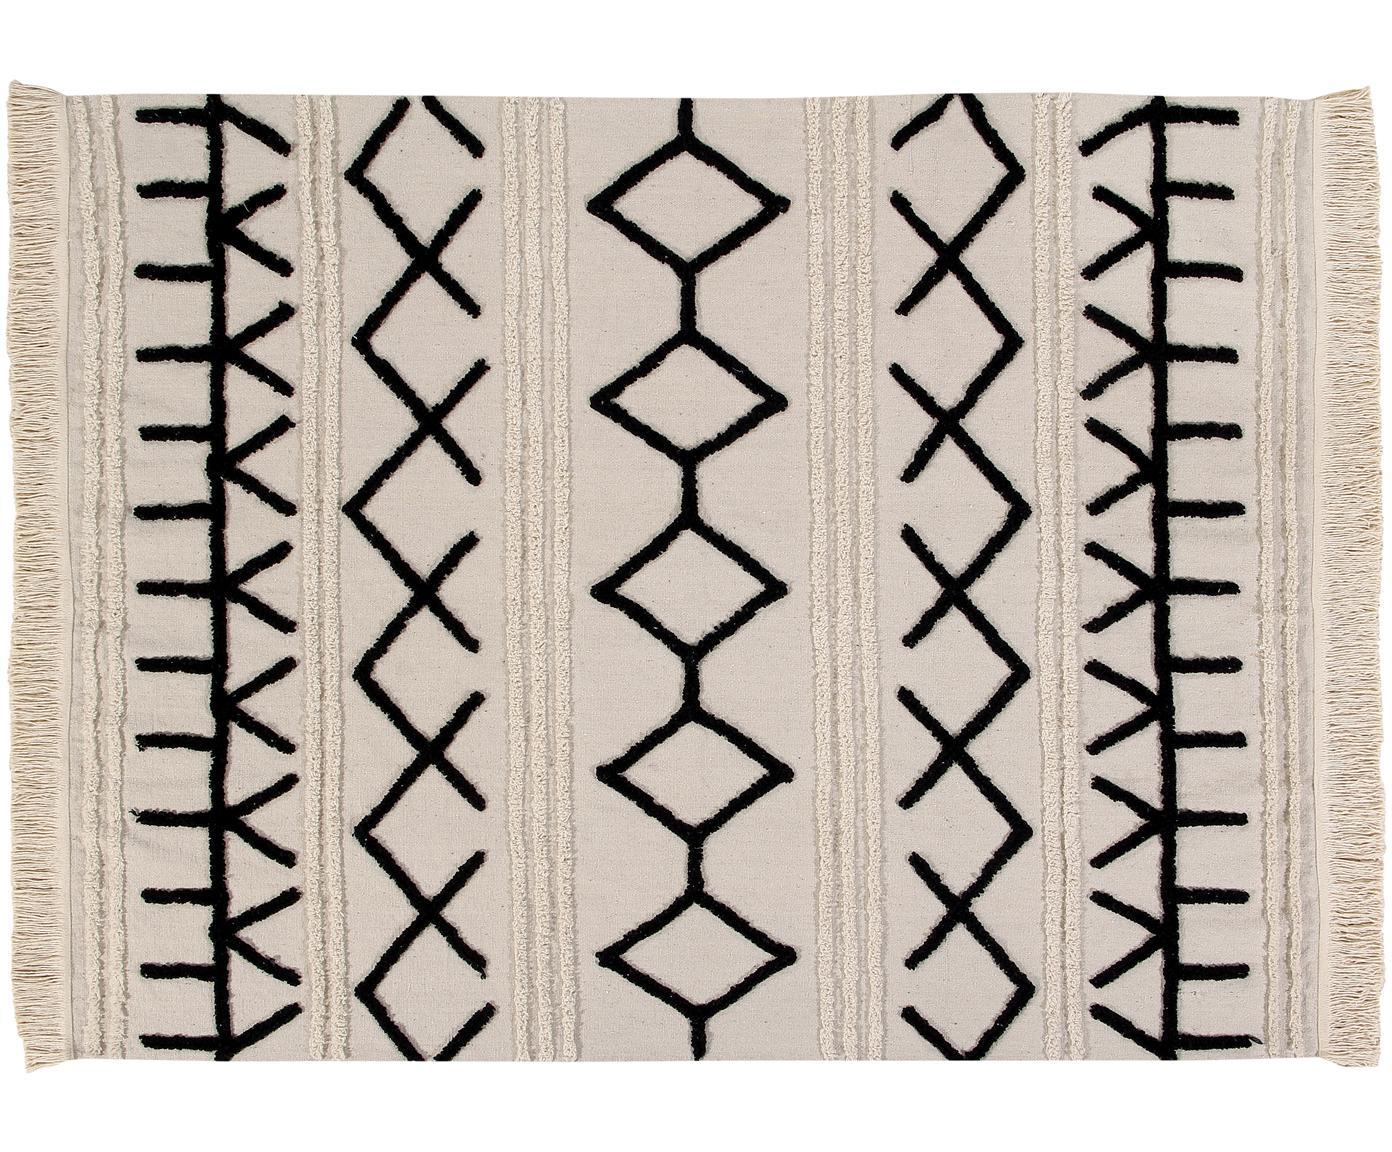 Tappeto in cotone lavabile Berber, Retro: cotone riciclato, Marrone chiaro, nero, Larg. 120 x Lung. 160 cm (taglia S)